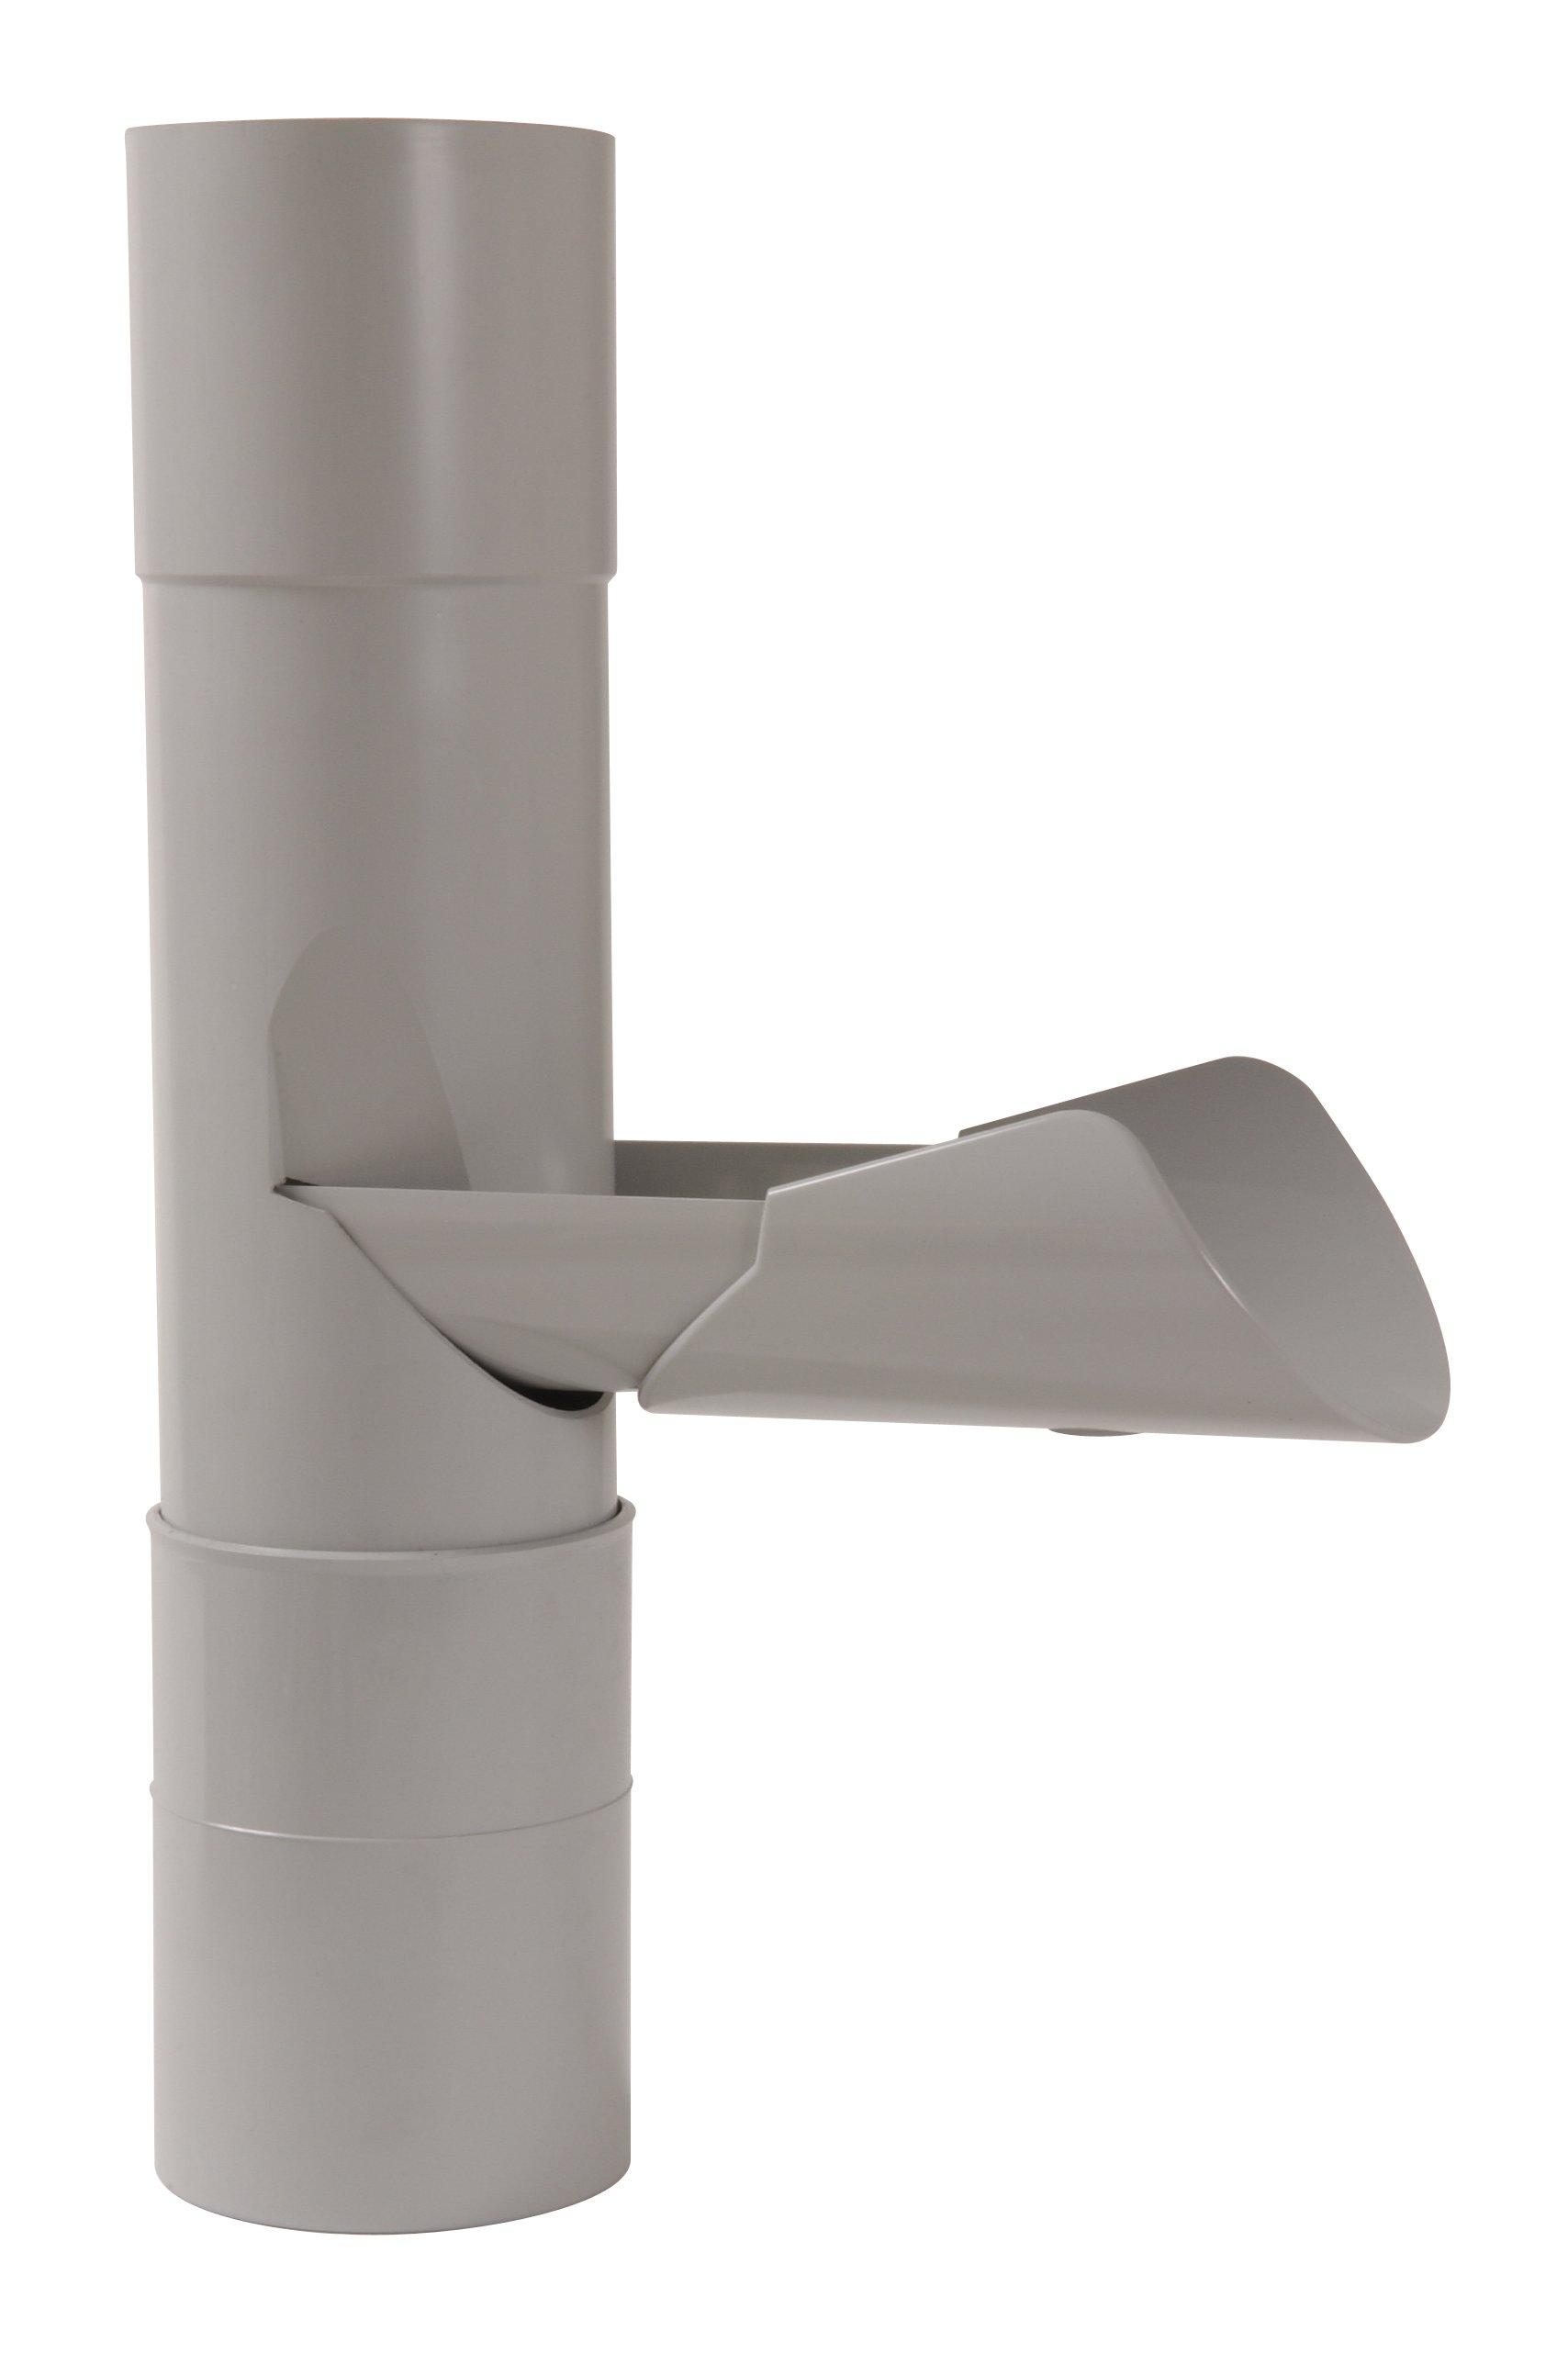 Récupérateur Ep Pour Tube De Descente Cylindrique ø 100 Nicoll